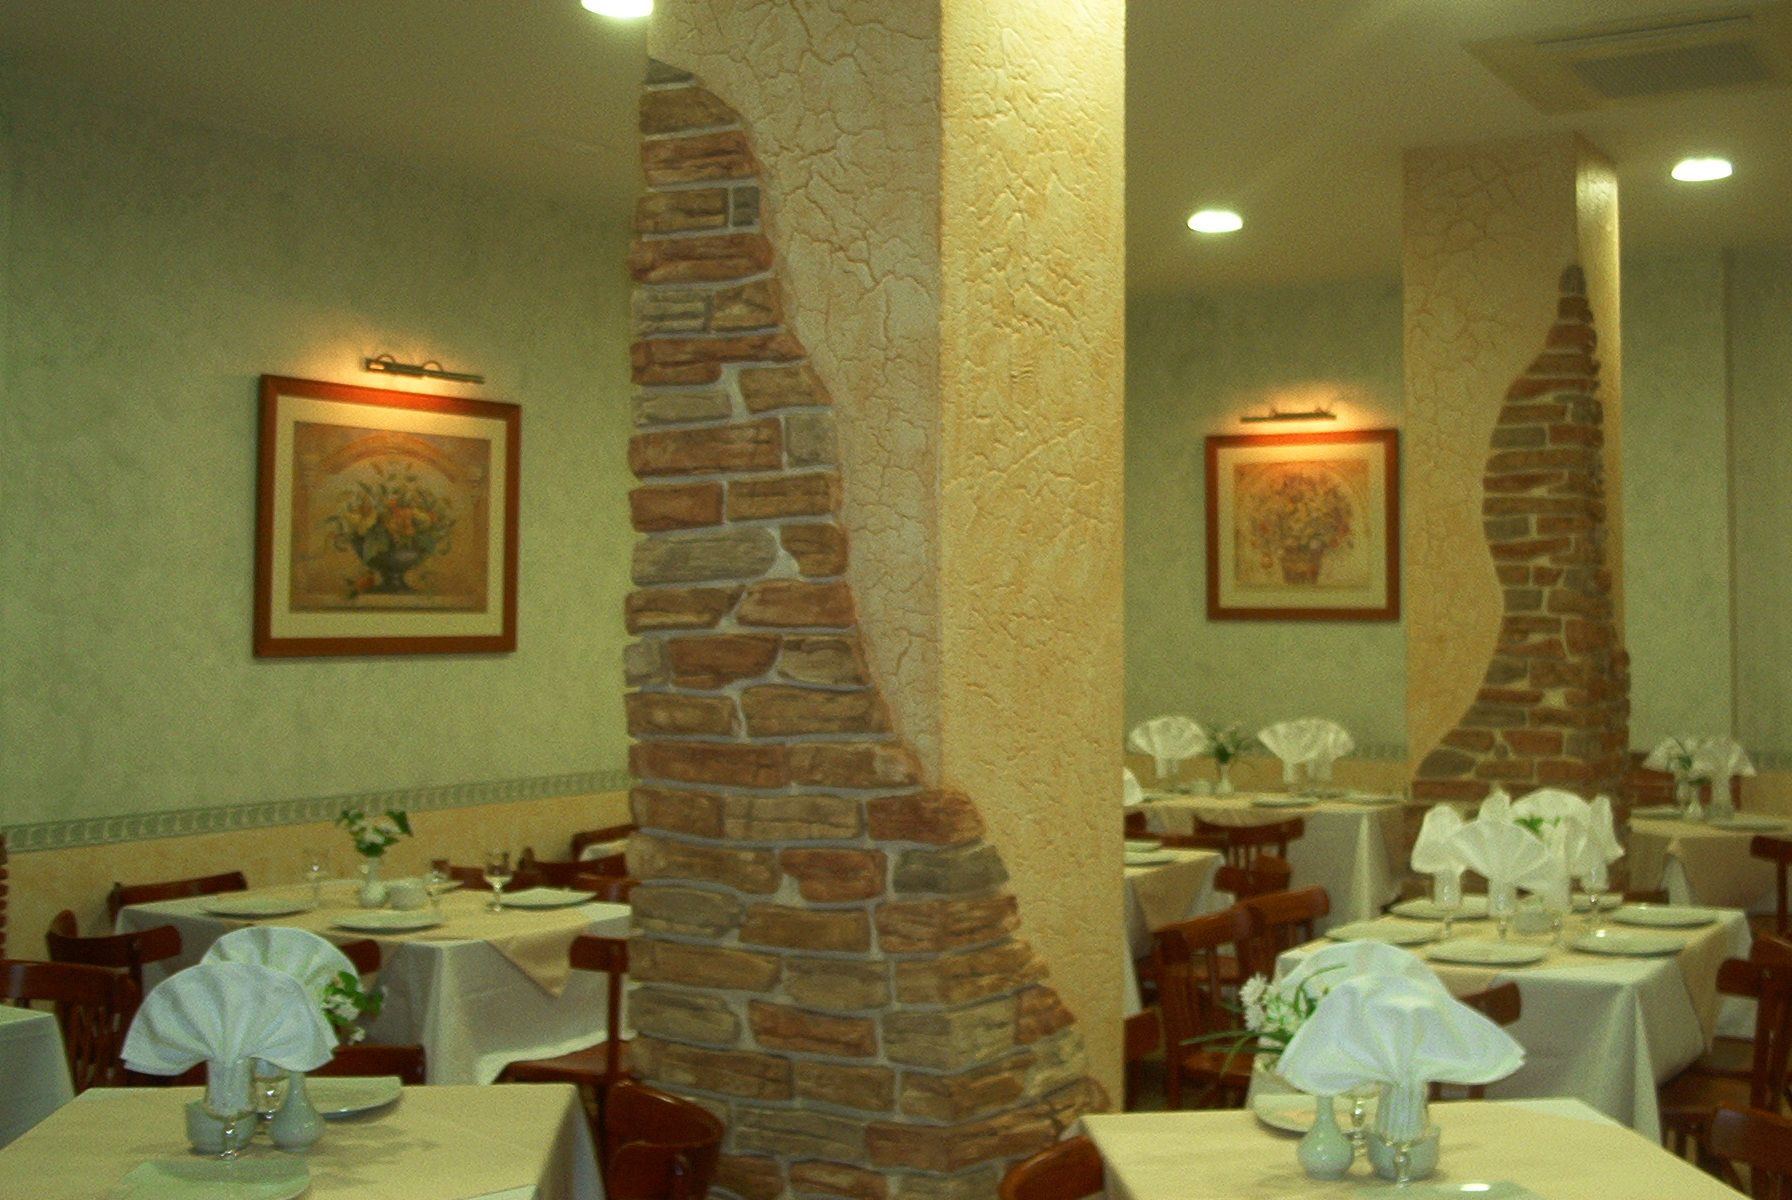 Trabajos de albañilería en Badajoz